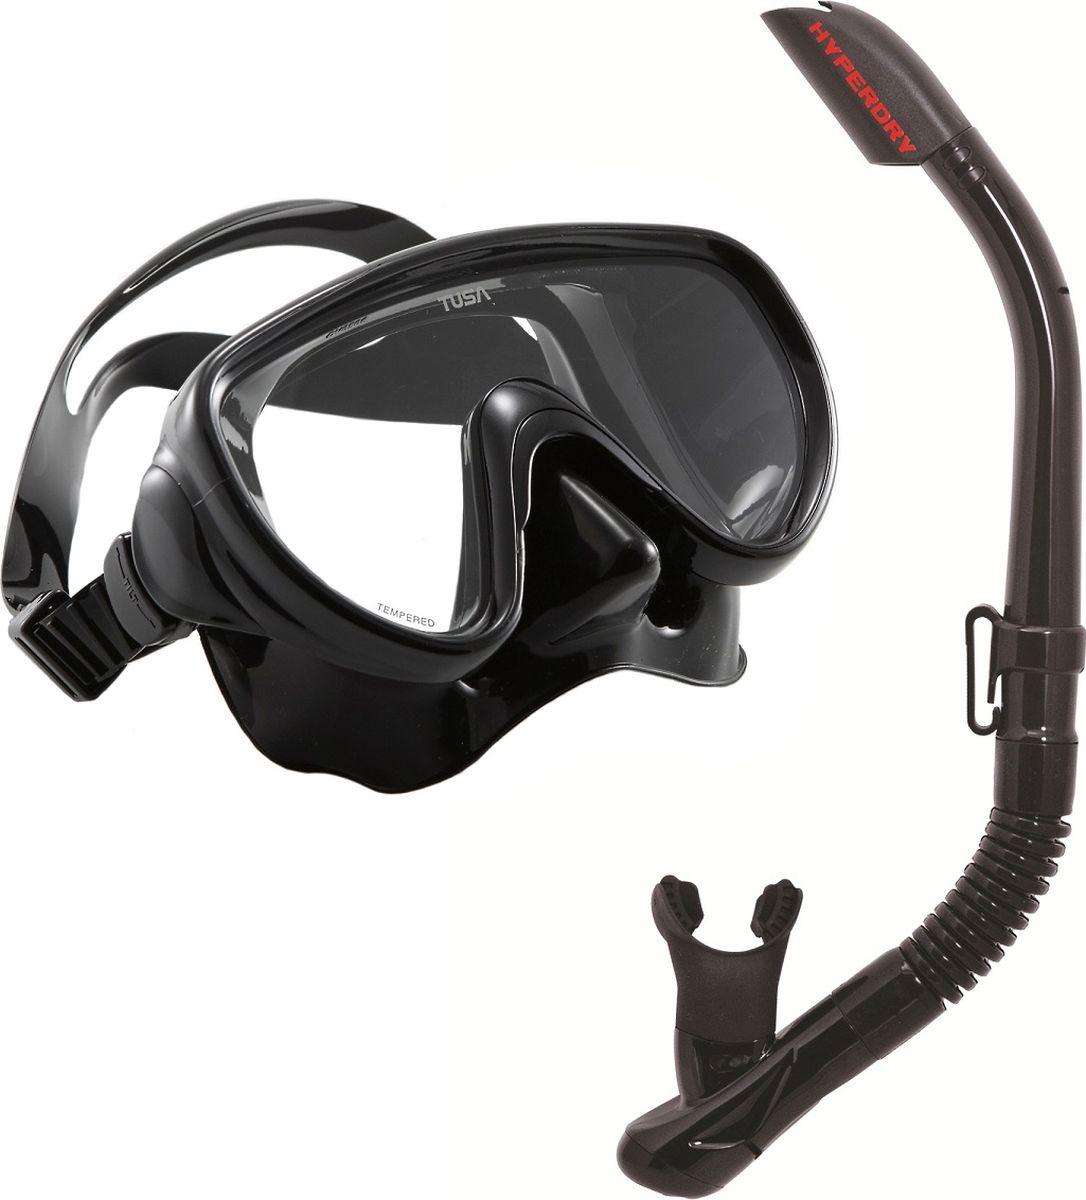 Набор для плавания Tusa Sport, цвет: черный. UCR-1619BK/BKUCR-1619 BK/BKКомплект UCR-1619 состоит из маски UMR-16 и трубки с нижним клапаном USP-190.Маска UMR-16 – однолинзовая компактная маска с широким обзором. Силиконовый обтюратор со скругленными краями мягко повторяет контуры лица. После плавания с такой маской почти не остается следов на лице. Трехмерный ремешок применяемый для фиксации маски на голове, точно повторяет затылочный изгиб и надежно удерживает маску на голове. Быструю регулировку обеспечивают 5-ти позиционные пряжки. Они позволяют отрегулировать натяжение и угол наклона ремешка для наилучшей посадки маски на лице. Линза маски выполнена из закаленного стекла. Обтюратор полностью выполнен из 100% медицинского силикона. Трубка USP-190 – оснащена системой Hyperdry от забрызгивания. И большой дренажной камерой с клапаном для легкого удаления воды после погружения. Удобный загубник снимает нагрузку с челюстных мышц. Гибкий сегмент позволяет использовать трубку для дайвинга.